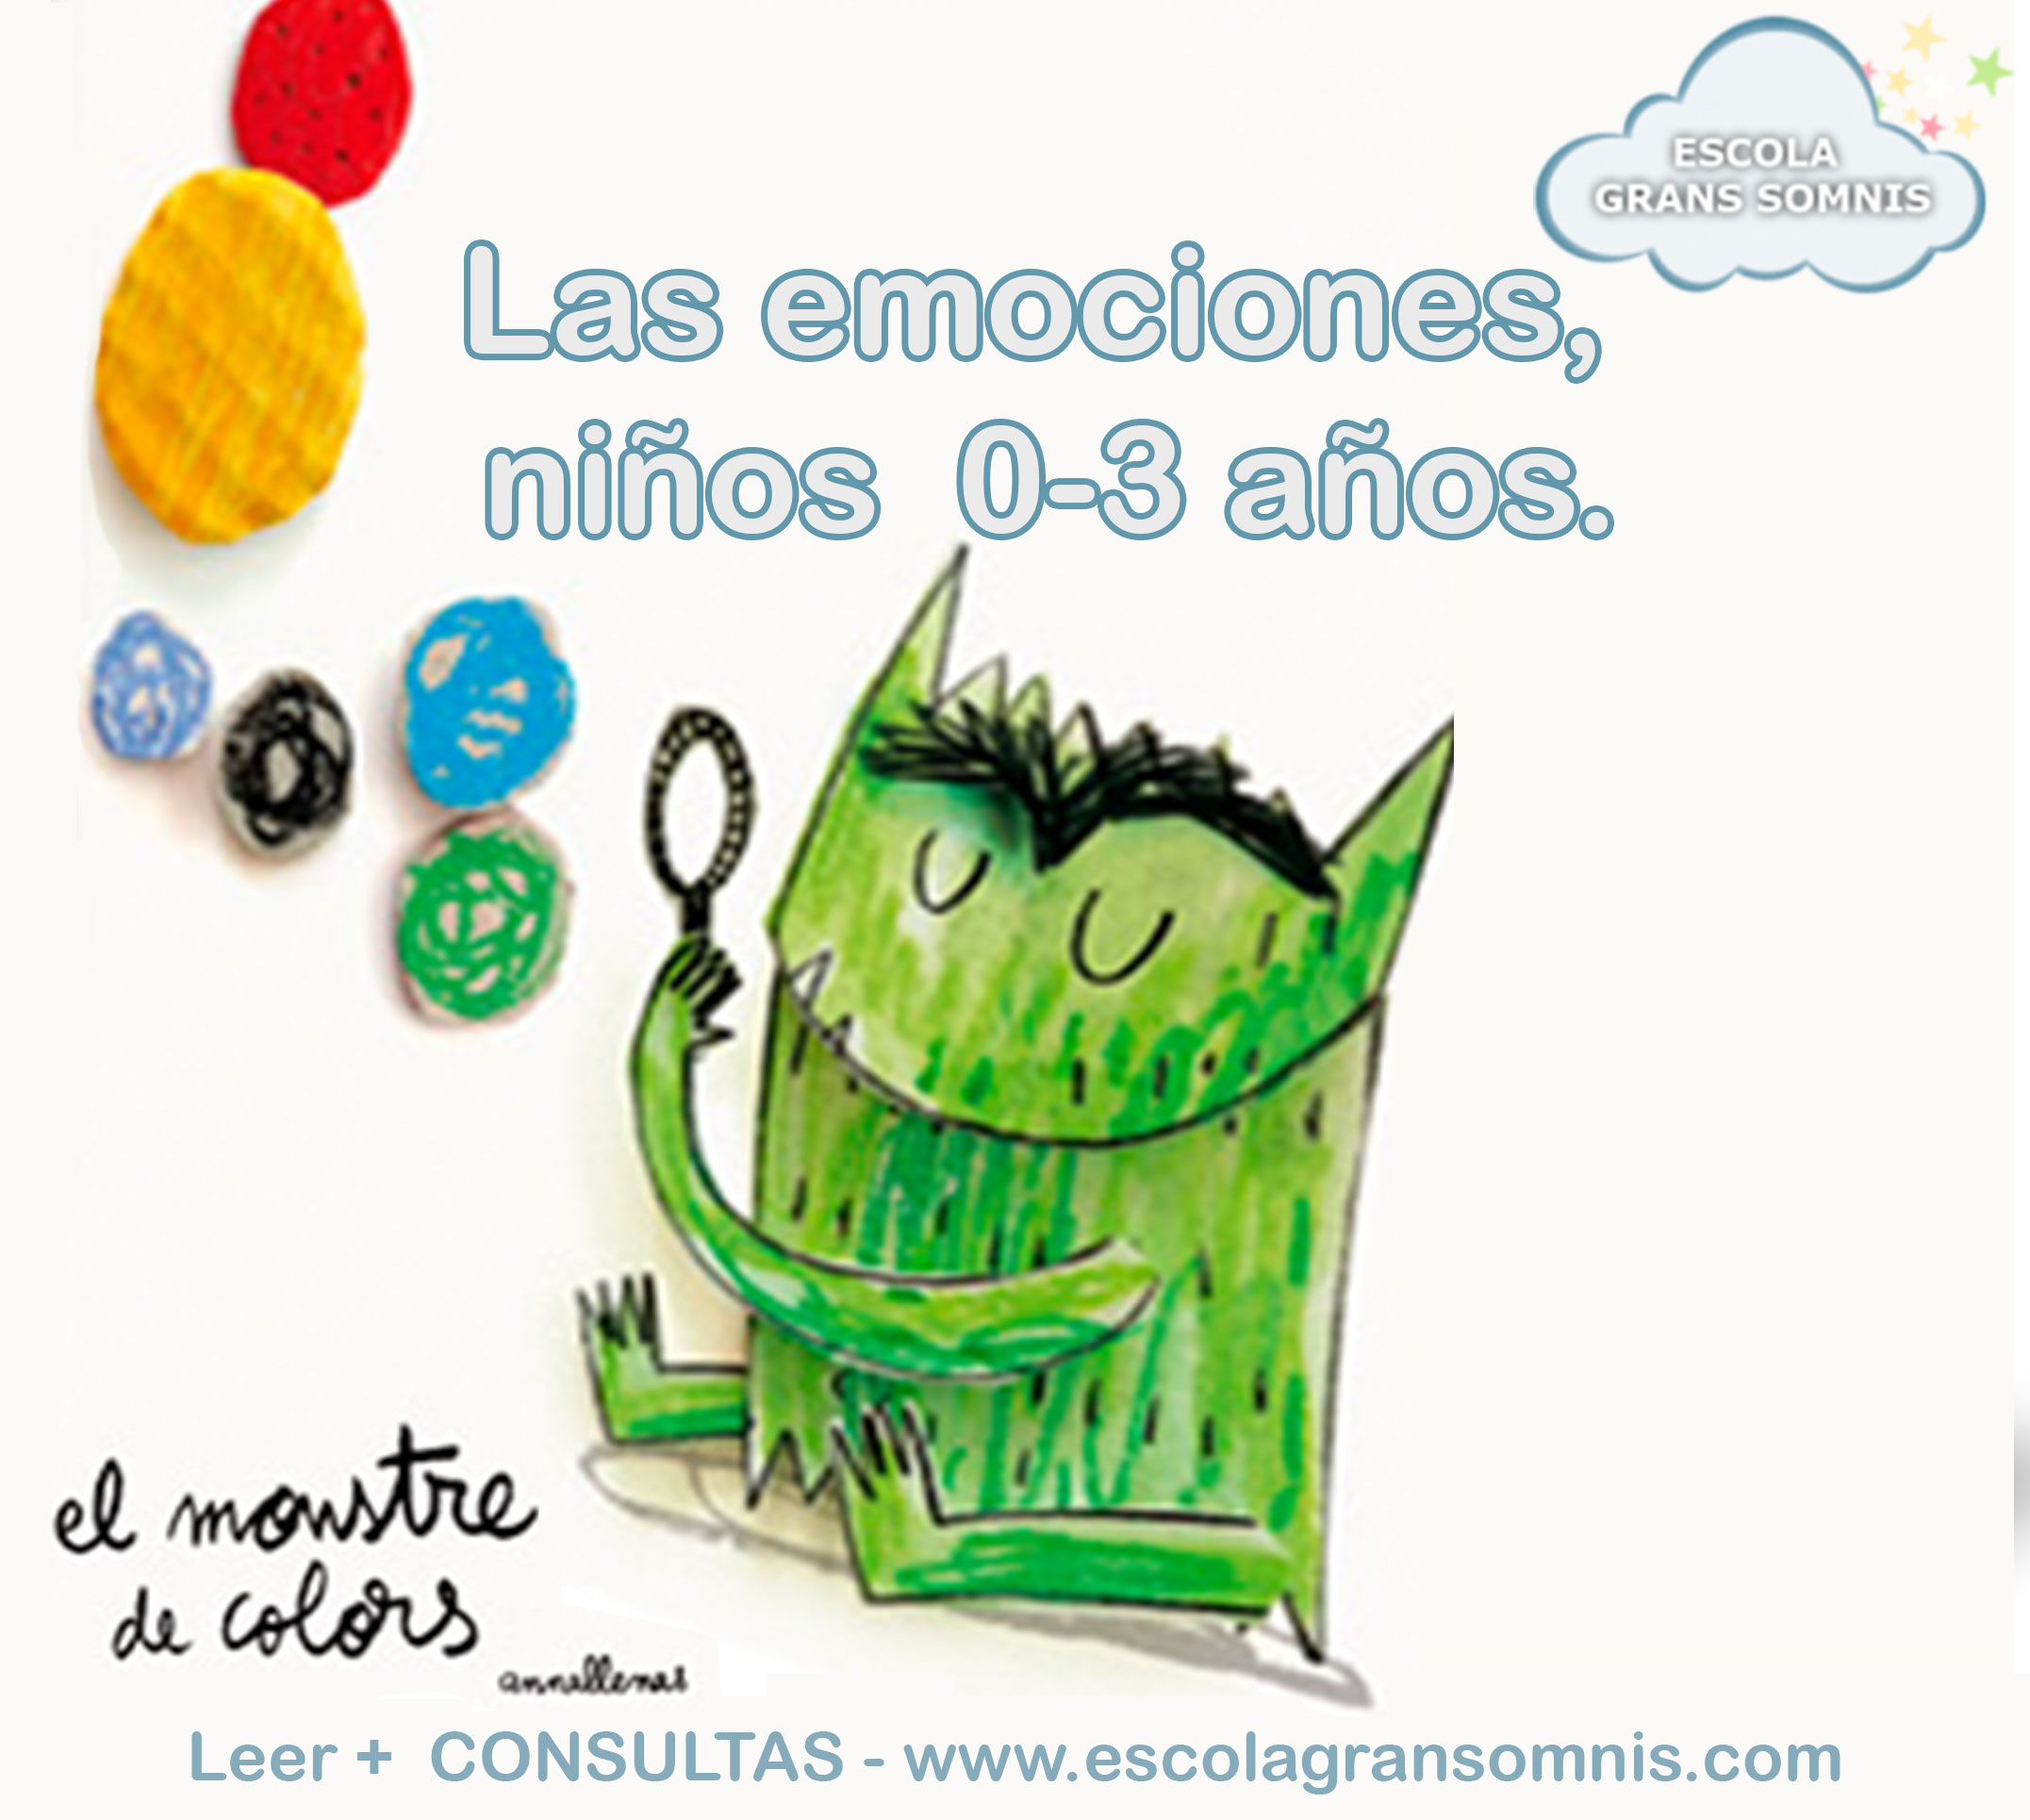 LAS EMOCIONES EN LOS NIÑOS DE 0-3 AÑOS - Escola Infantil Grans Somnis